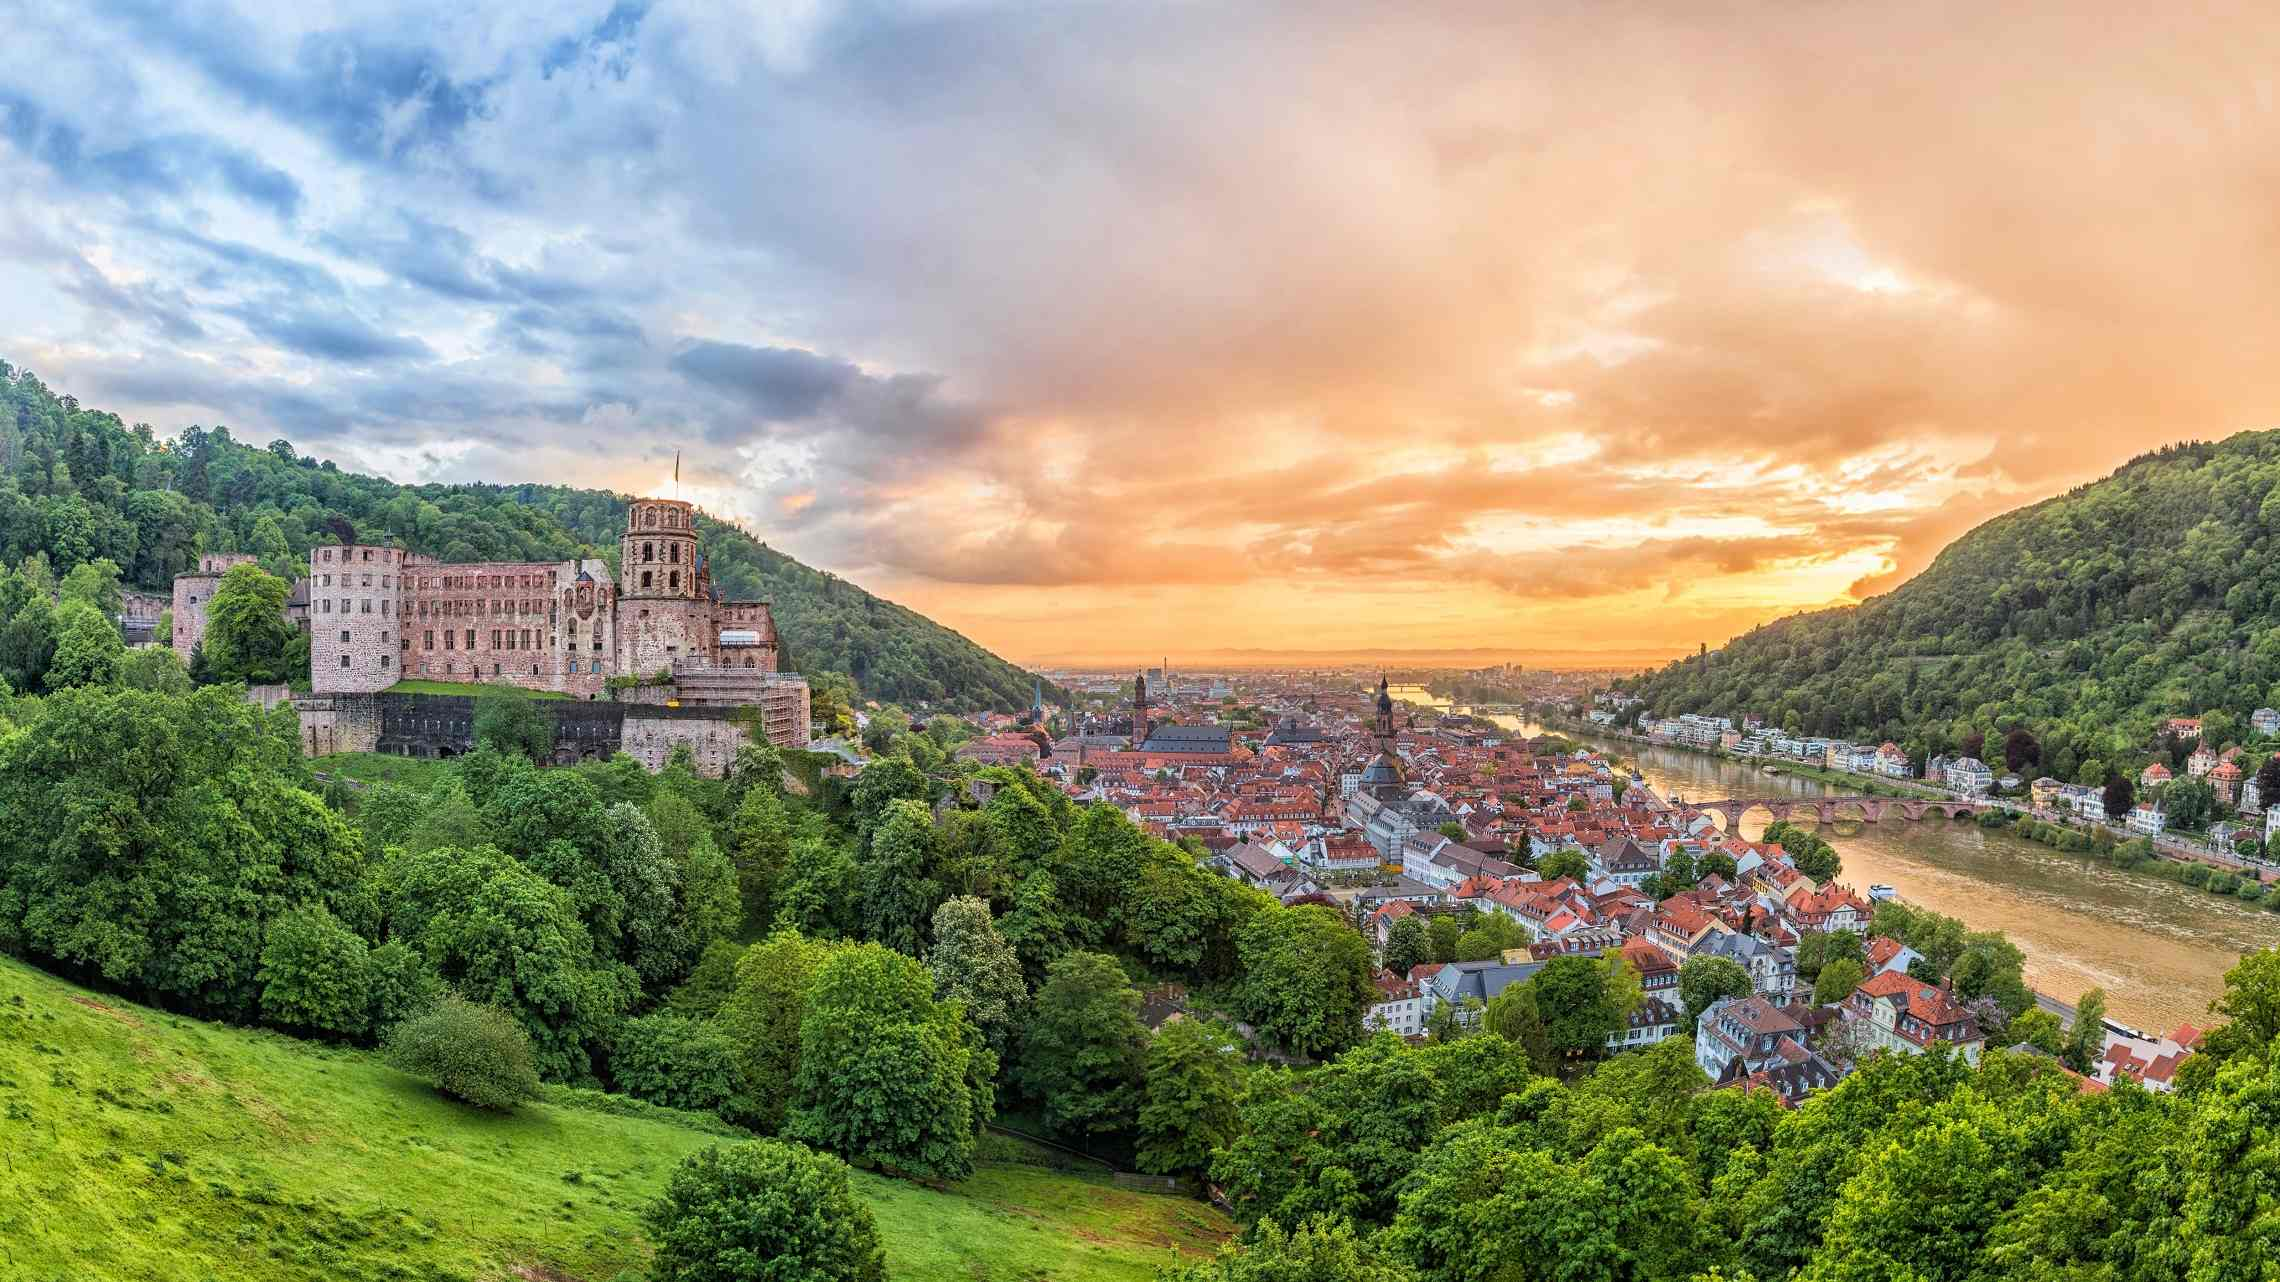 Heidelberg-Saksa-1920x1080.jpg